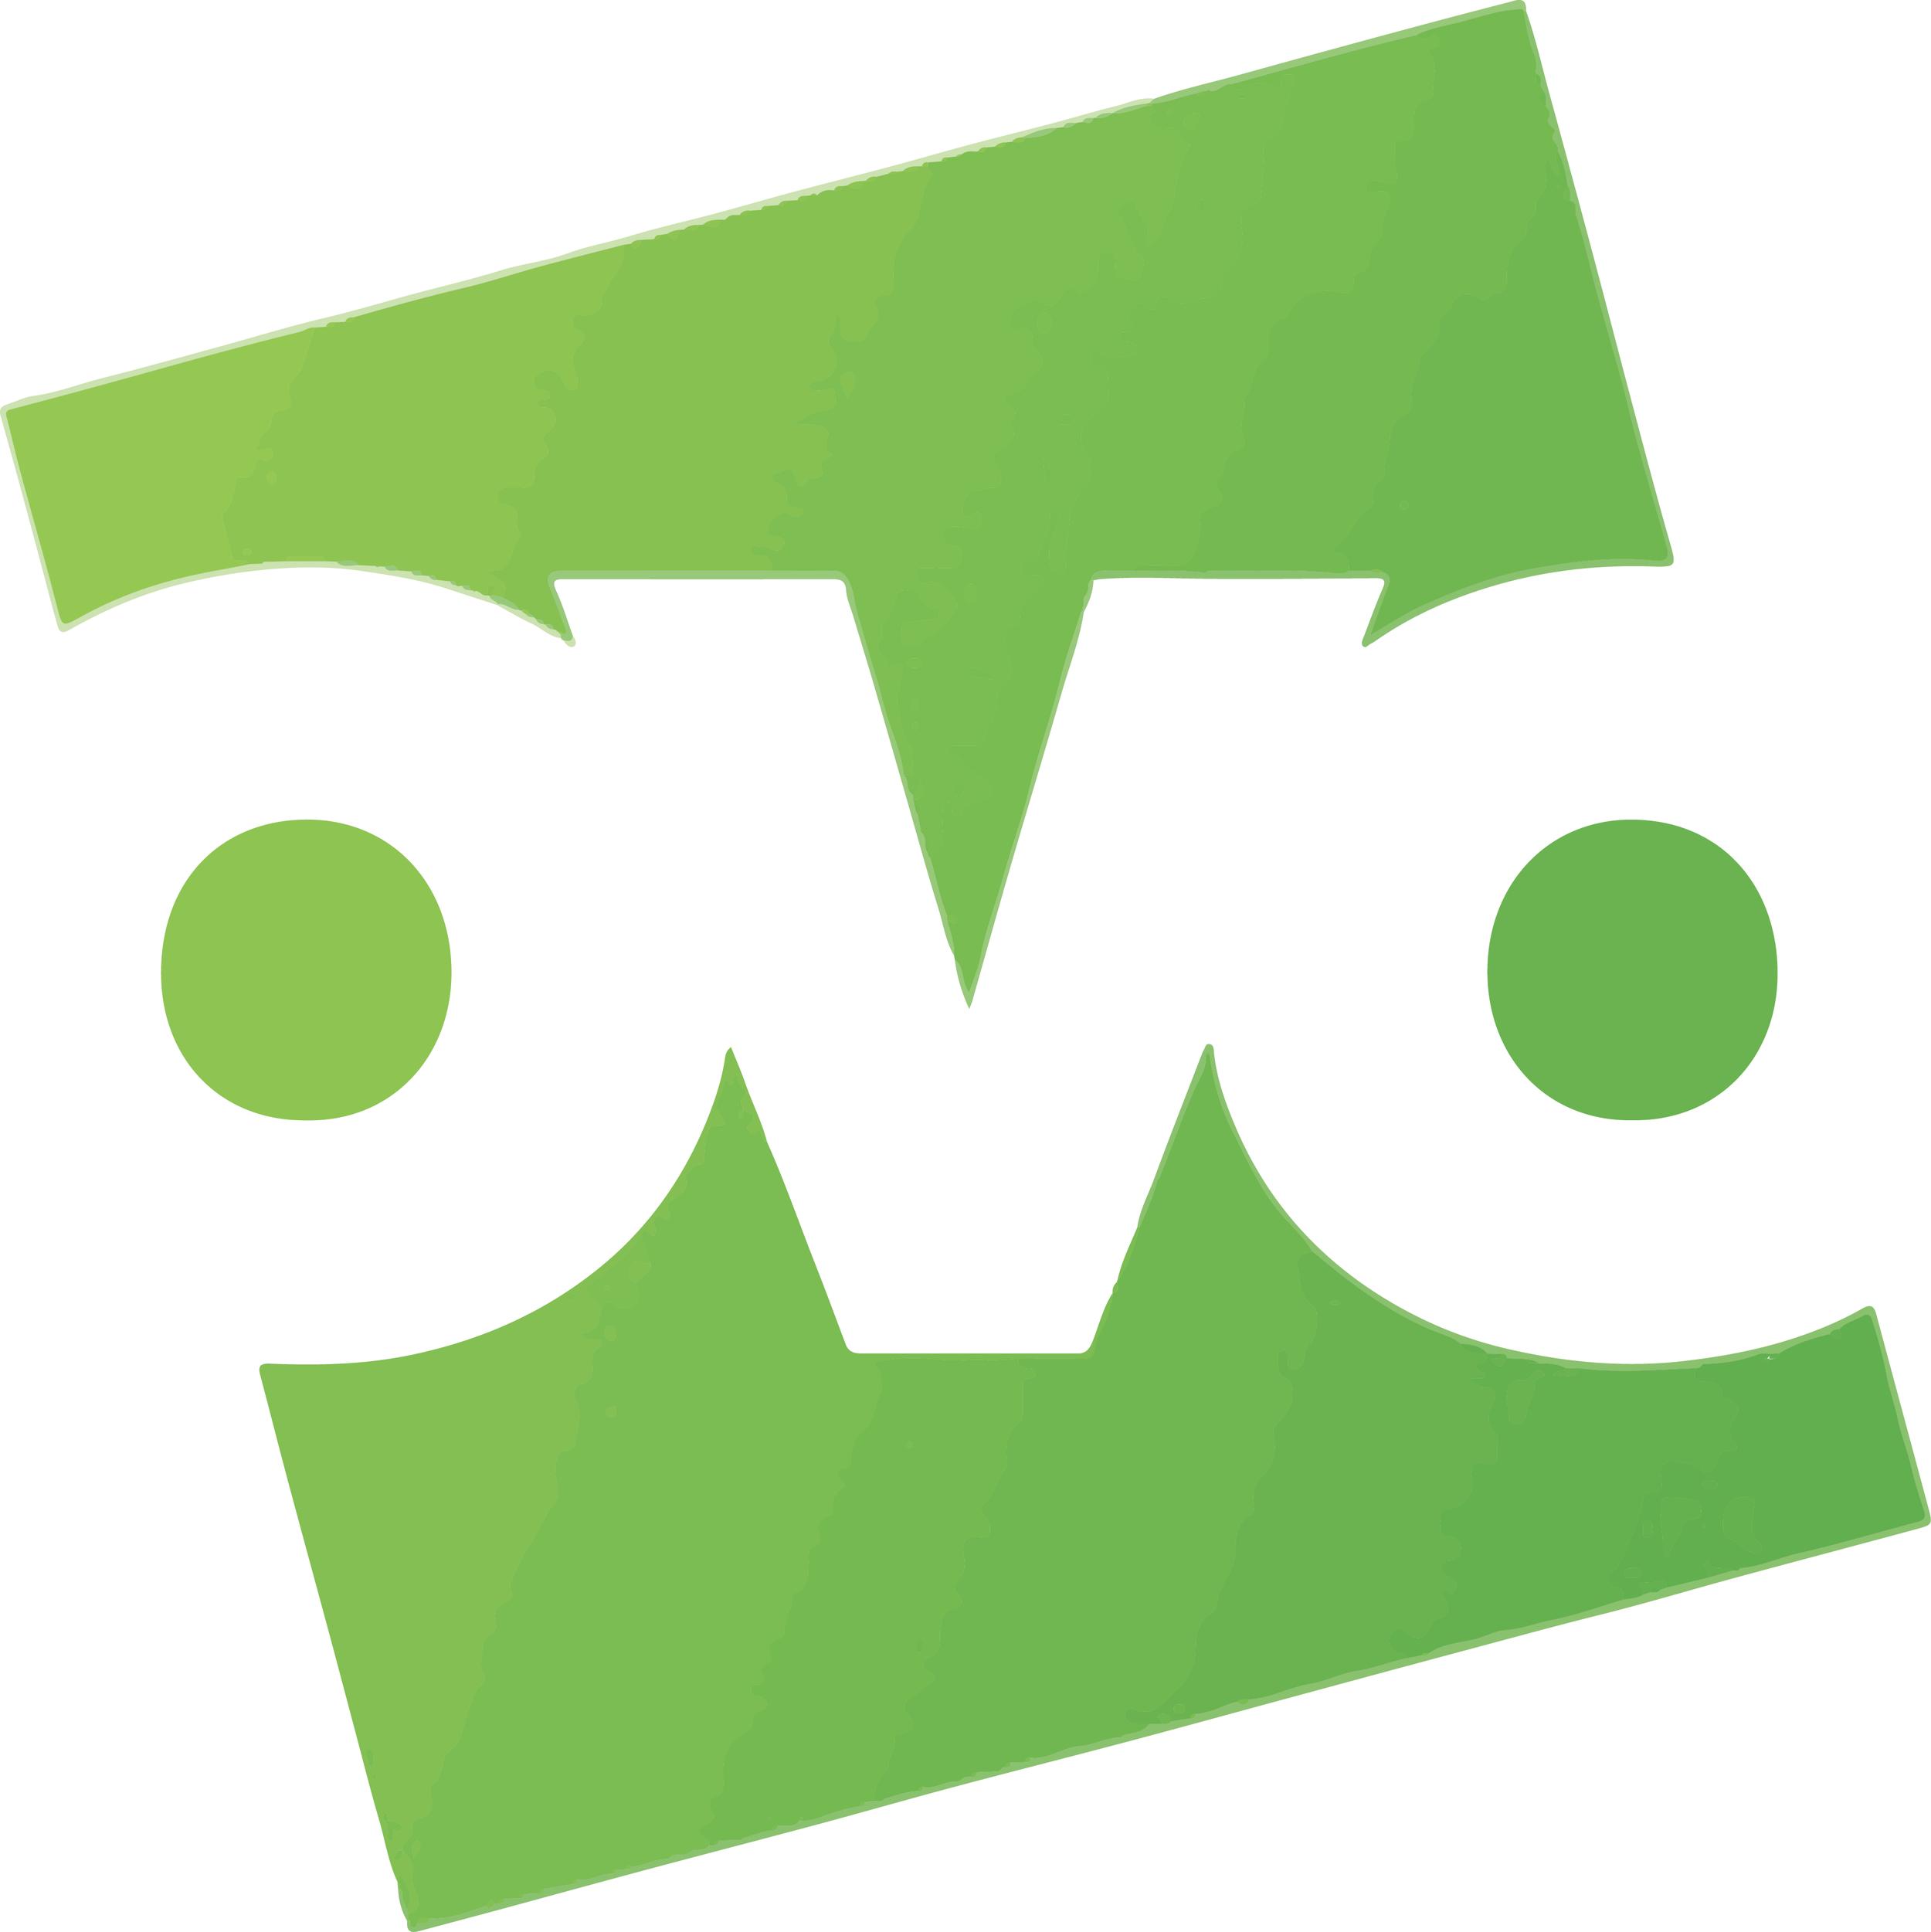 Logo_Ovo_Energy.png